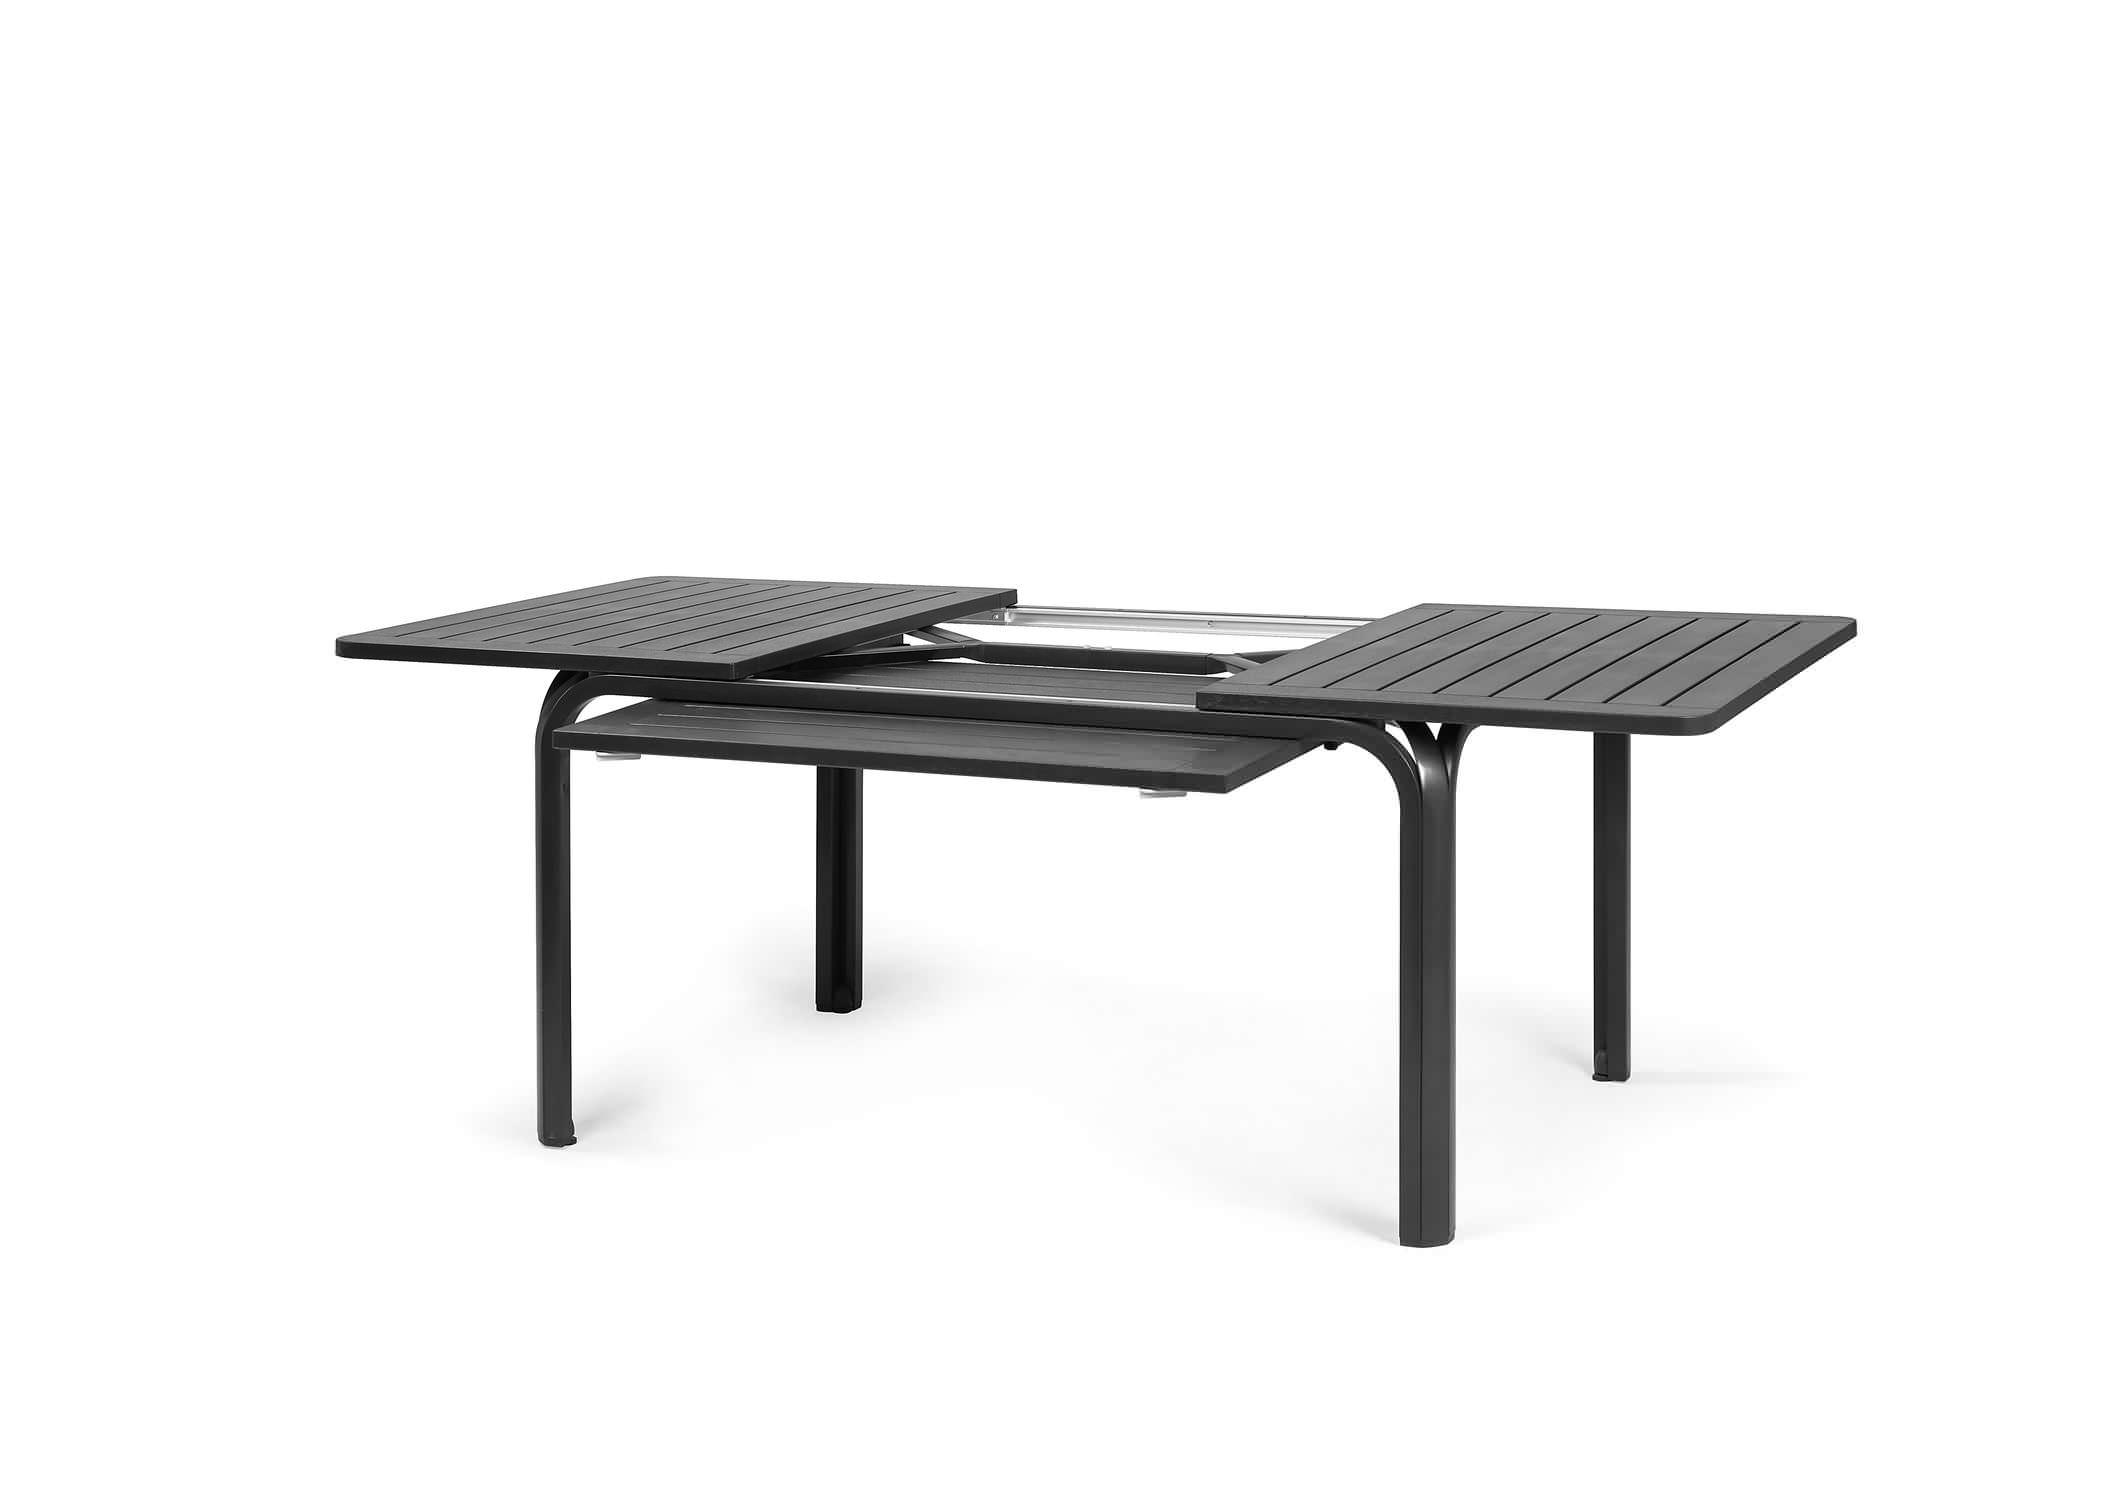 Table De Jardin Bois Pas Cher Table De Jardin Extensible Pas ... concernant Table De Jardin Extensible Pas Cher